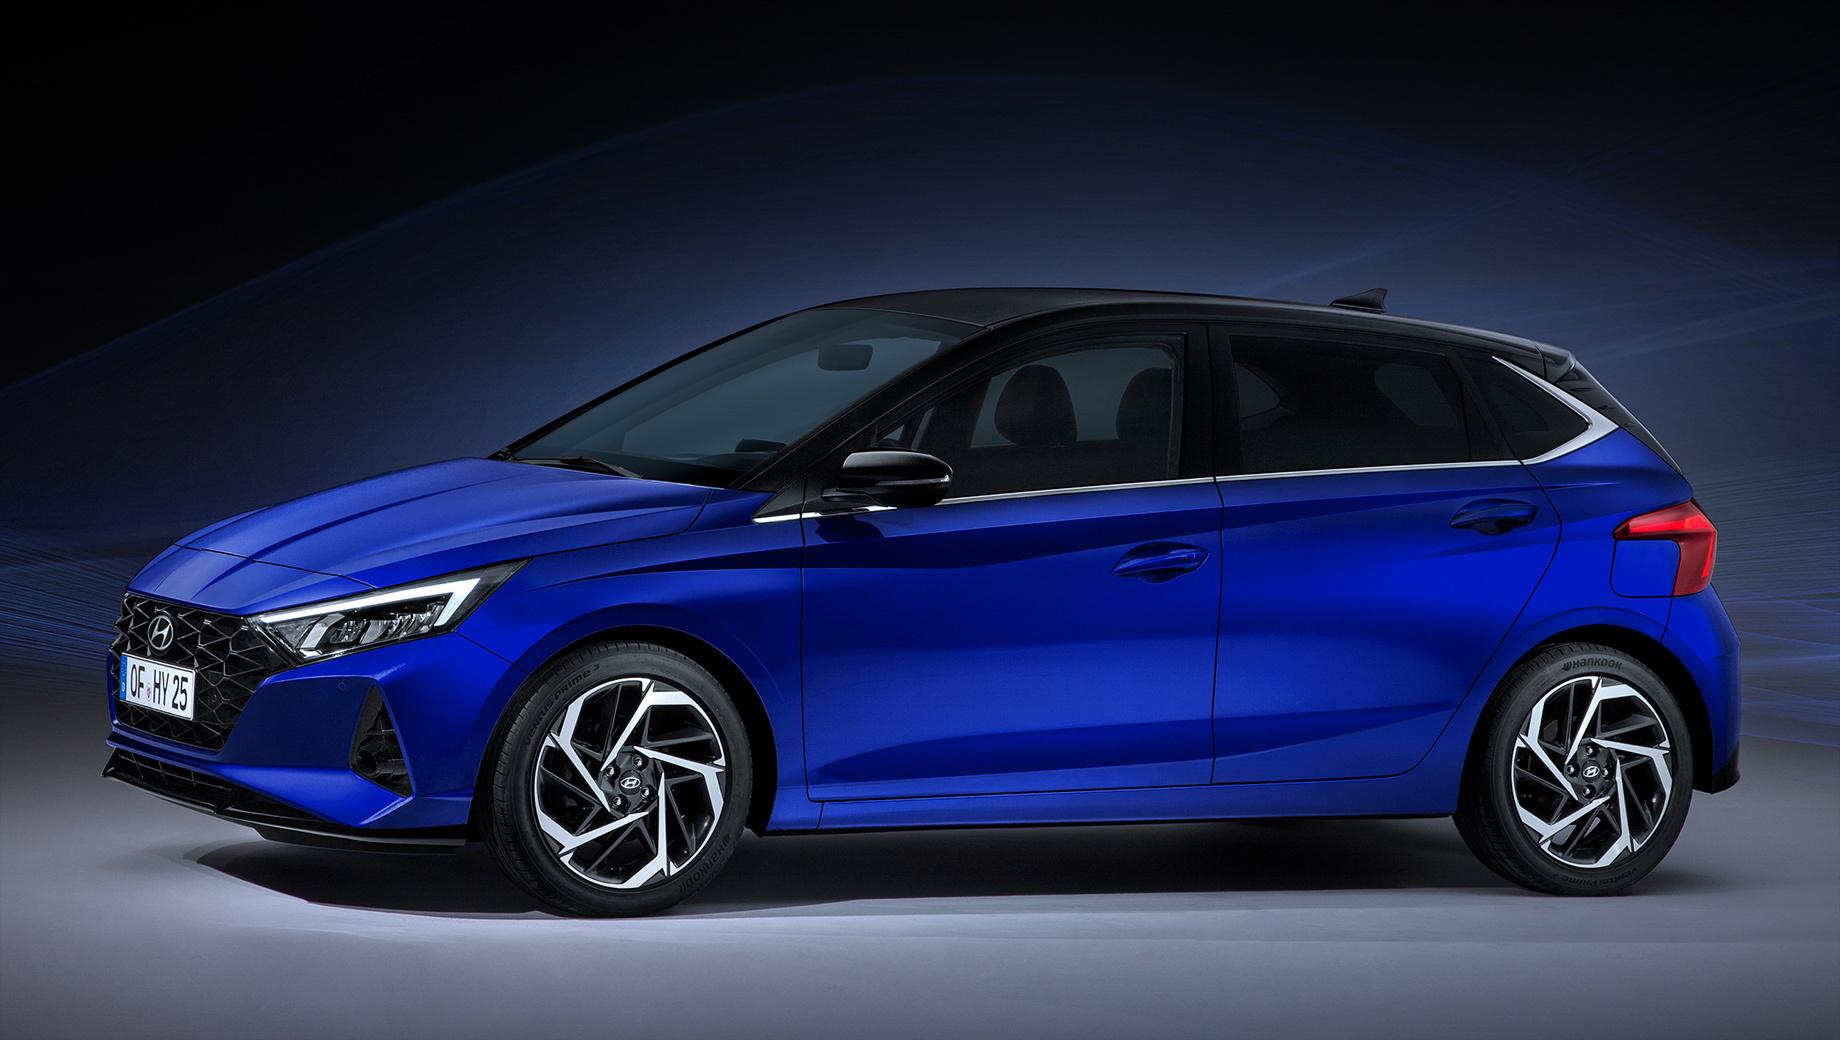 Hyundai i20. Длина — 4040 мм (+5), ширина — 1750 (+16), высота — 1450 (-24), колёсная база — 2580 (+10). Максимальный диаметр колёсных дисков увеличен с 16 до 17 дюймов. Кузовная палитра из десяти цветов включает четыре новых оттенка, например Intense Blue (на фото).